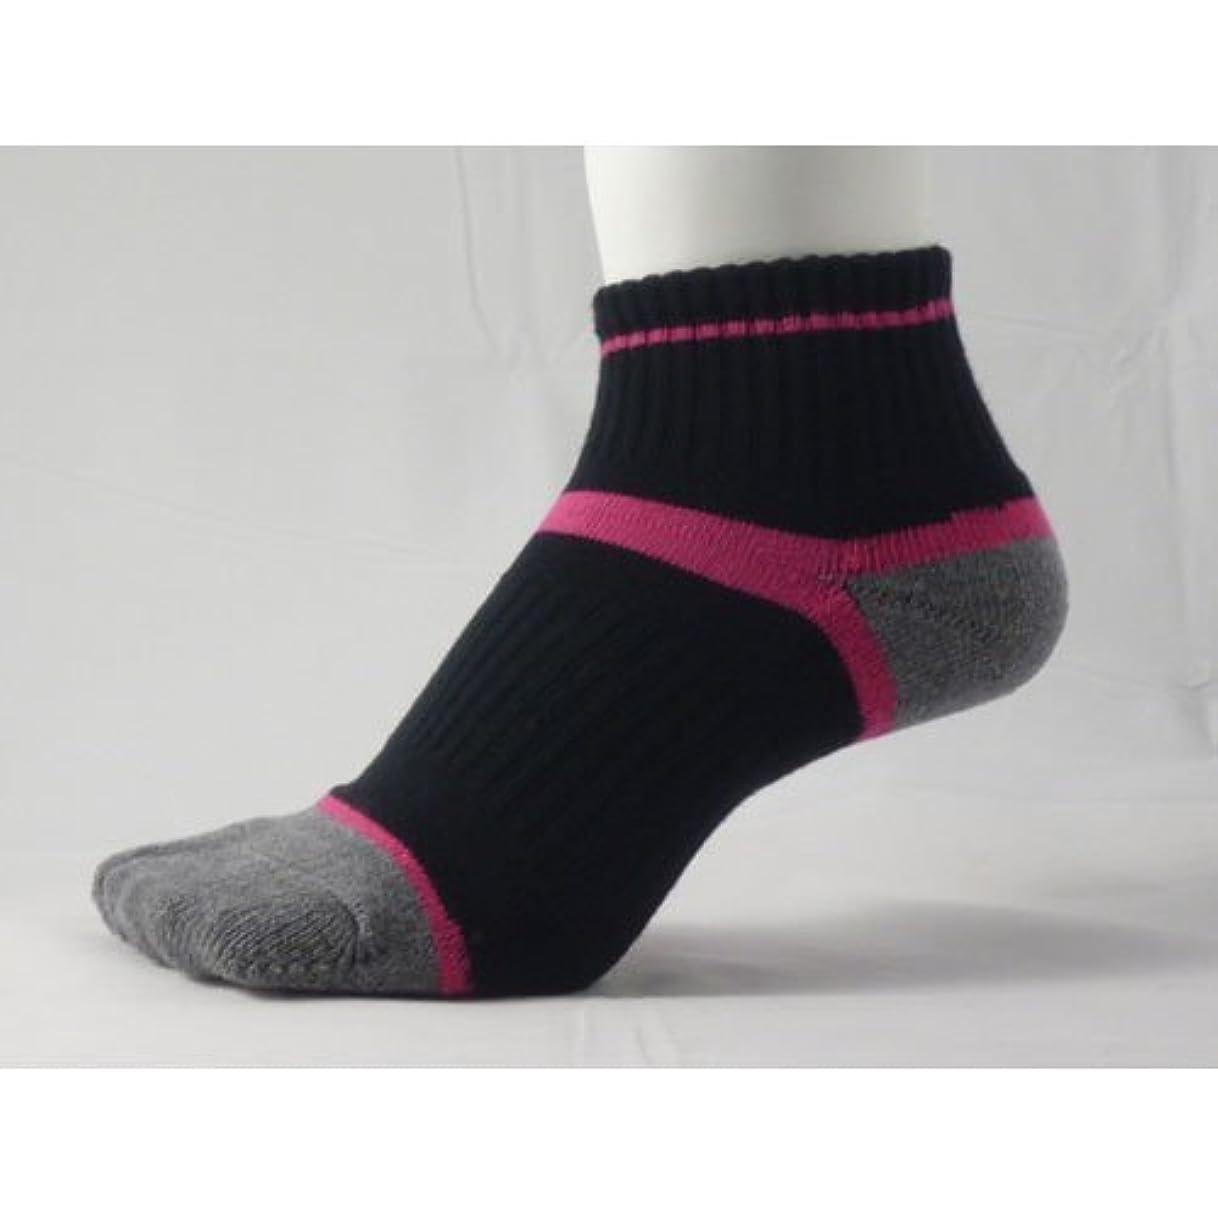 引数沿って一時的草鞋ソックス S(22-24cm)ピンク 【わらじソックス】【炭の靴下】【足袋型】